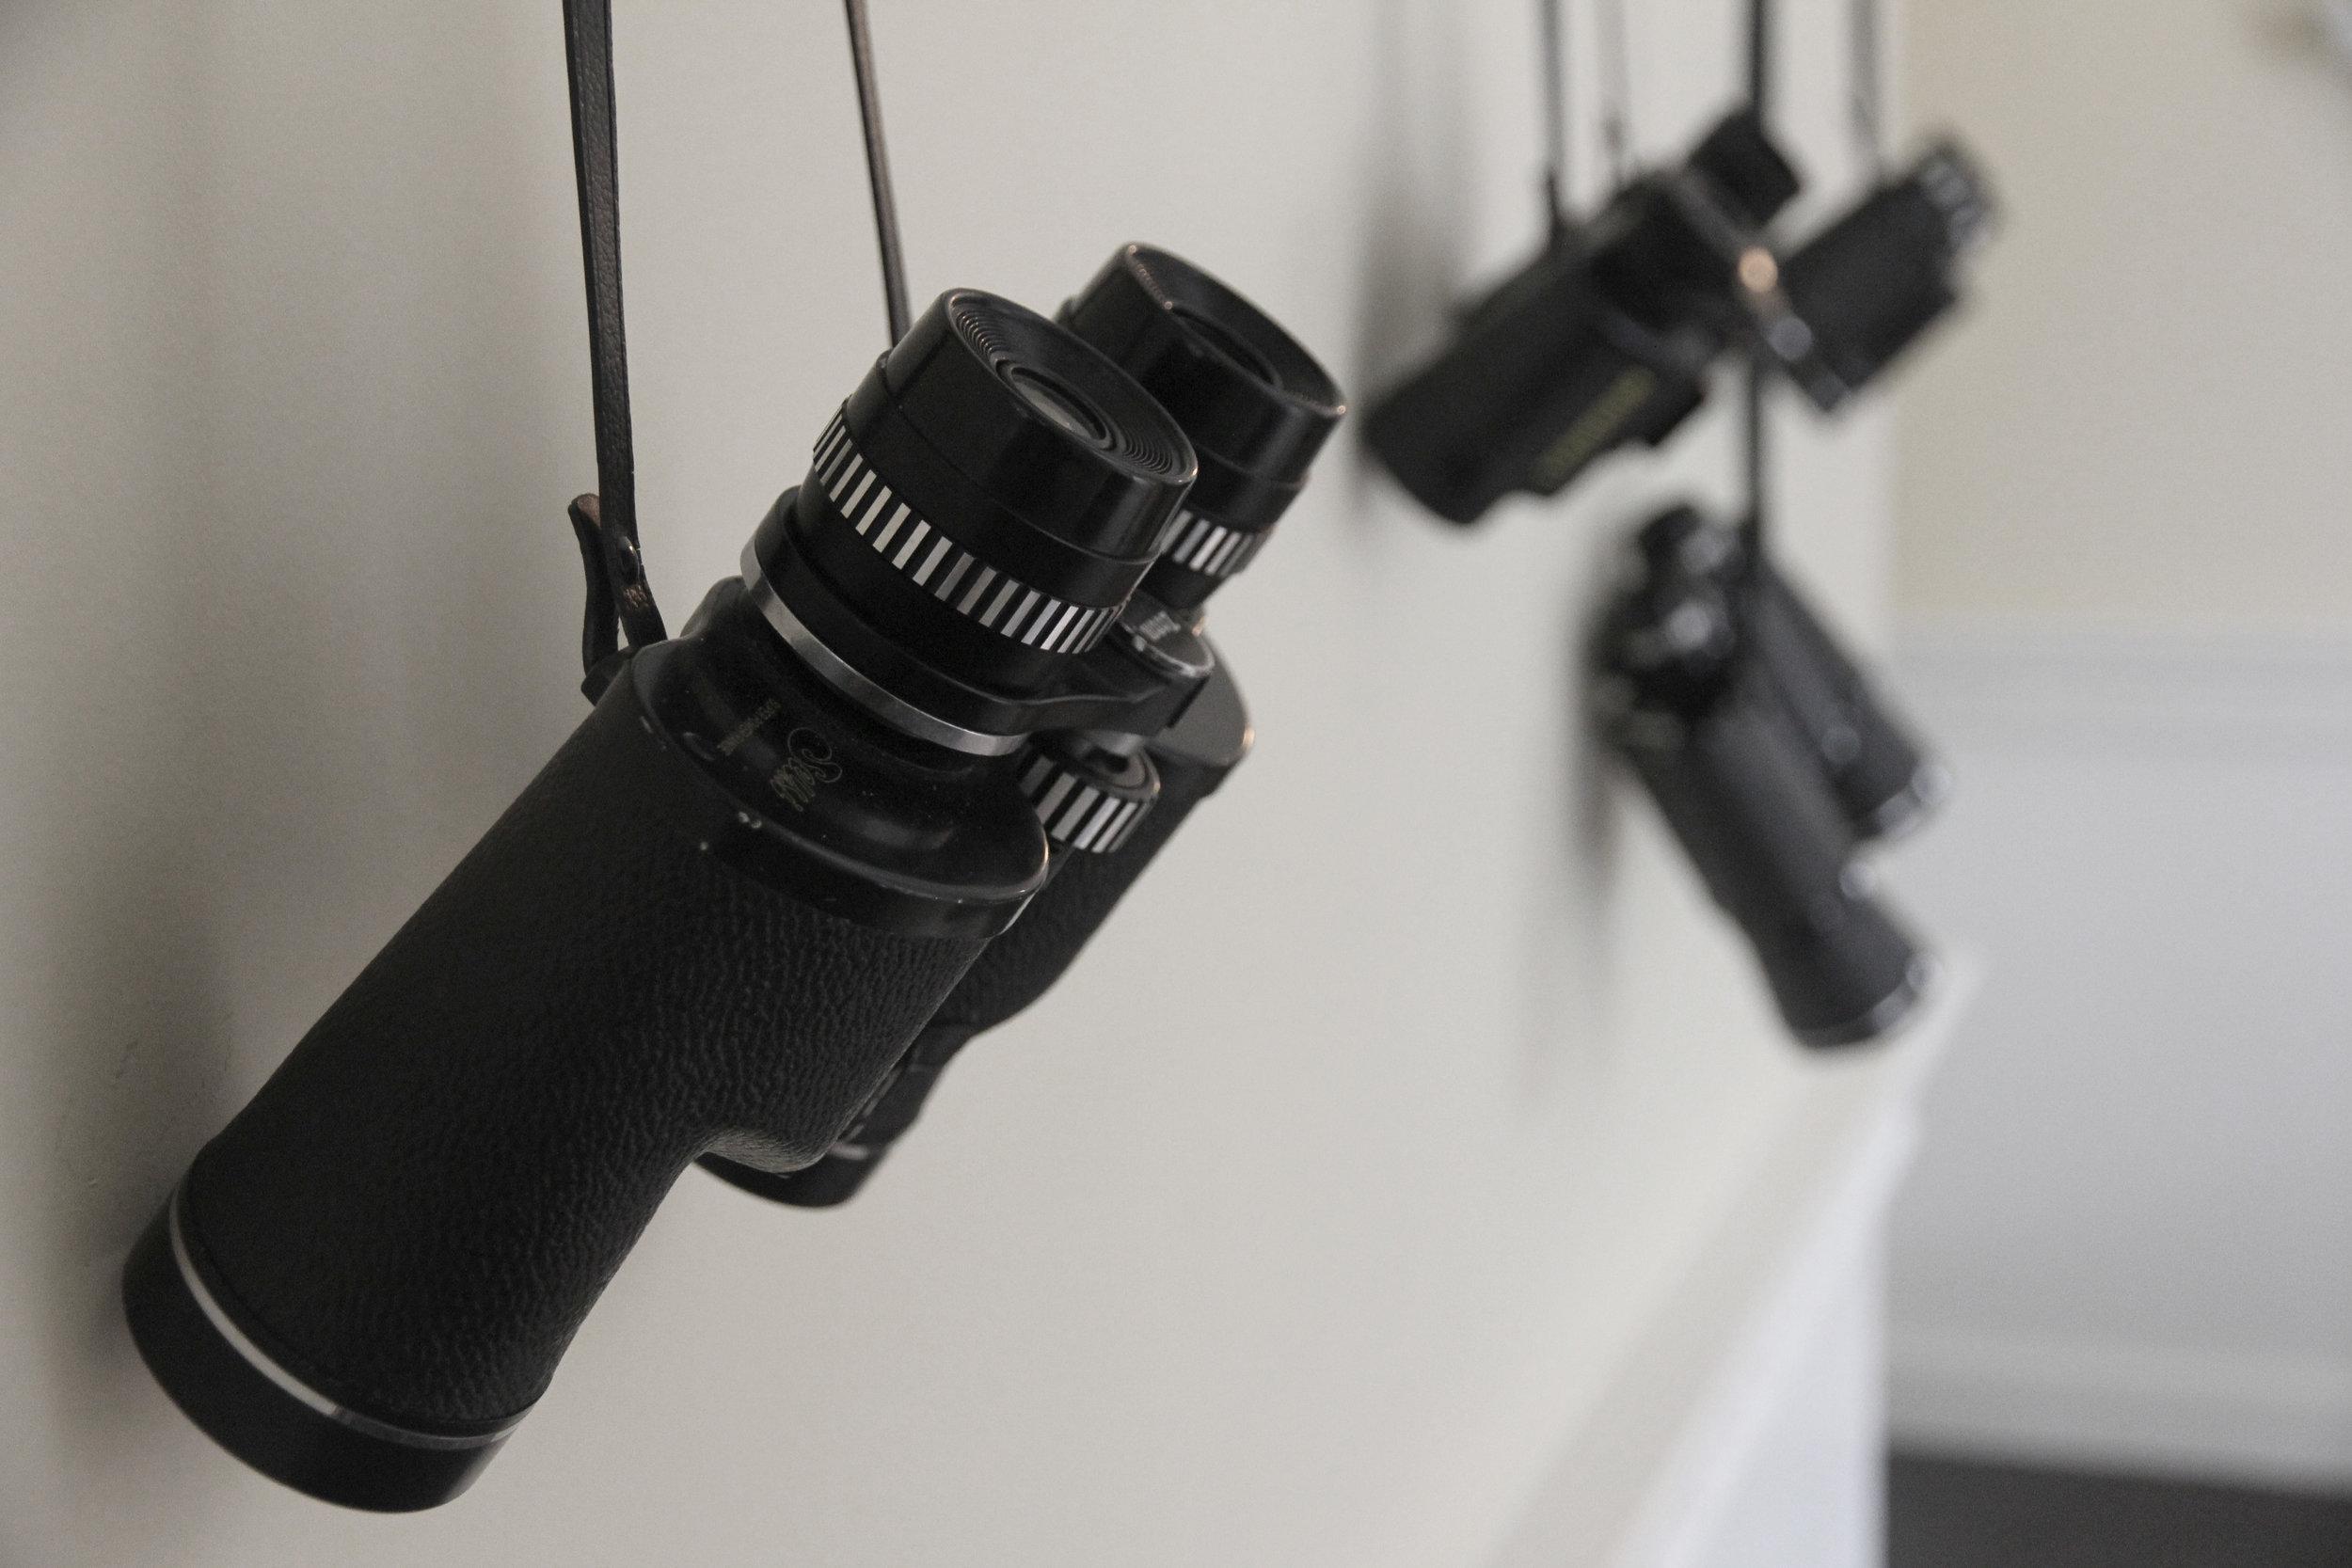 Binoculars HI RES IMG_8094.JPG